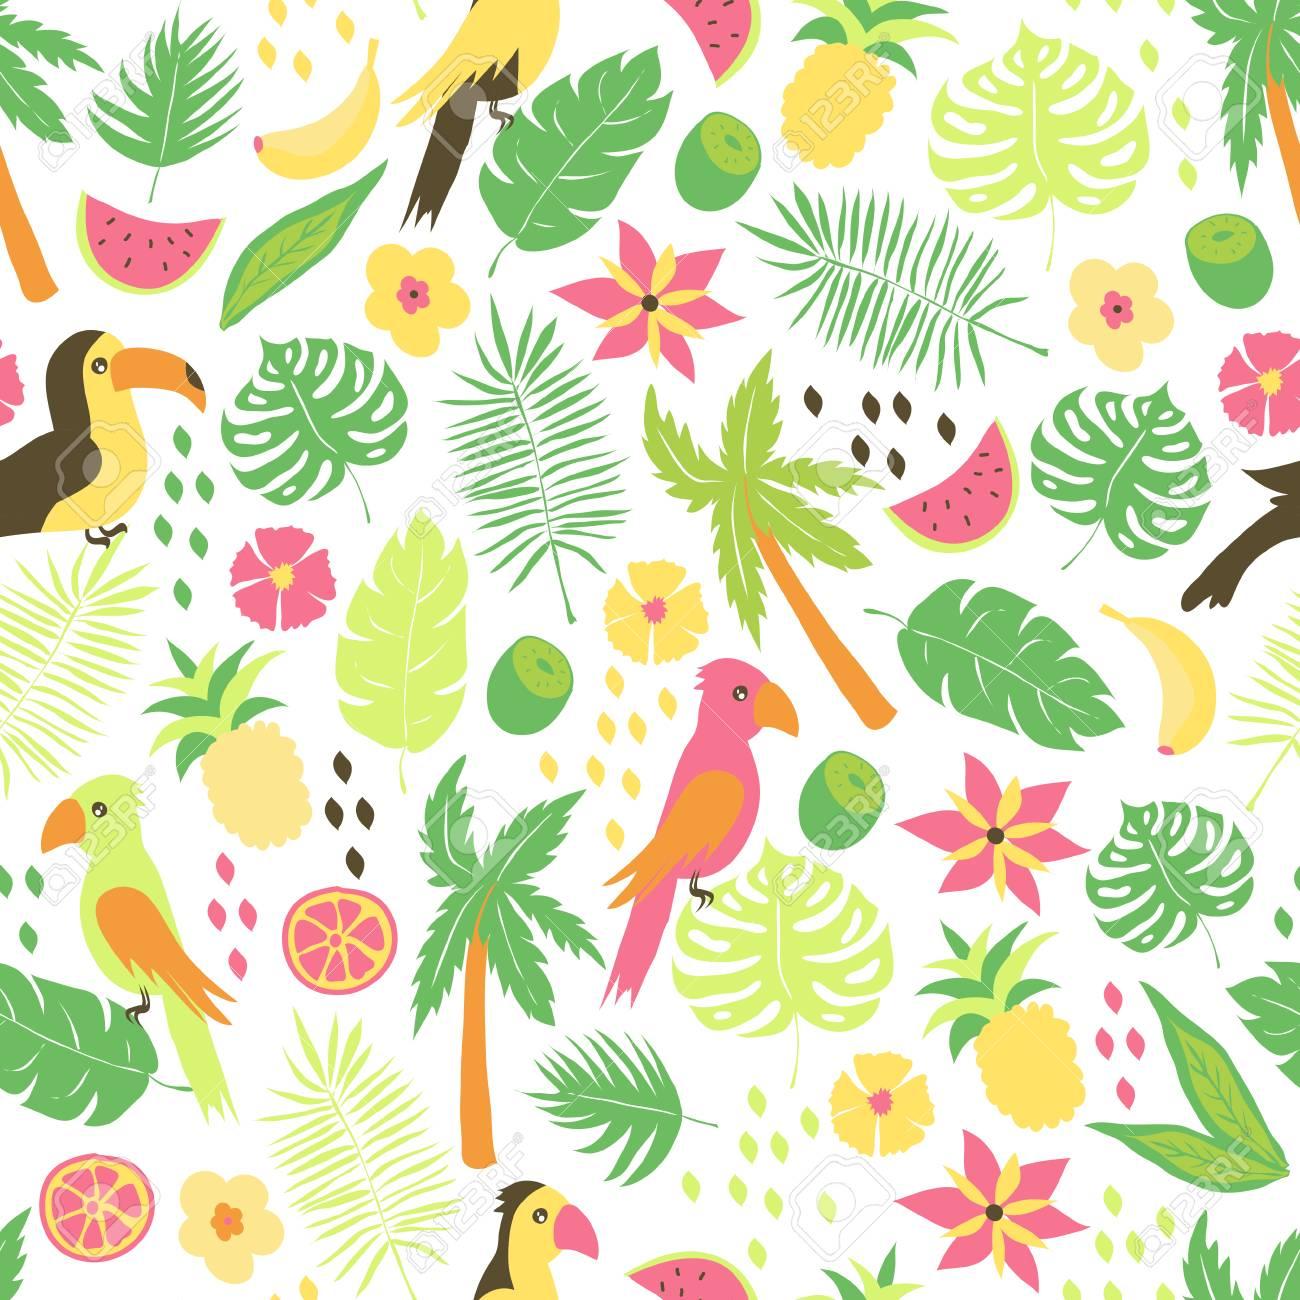 Padrao Sem Costura Com Flores Tropicais Coloridas Folhas Plantas